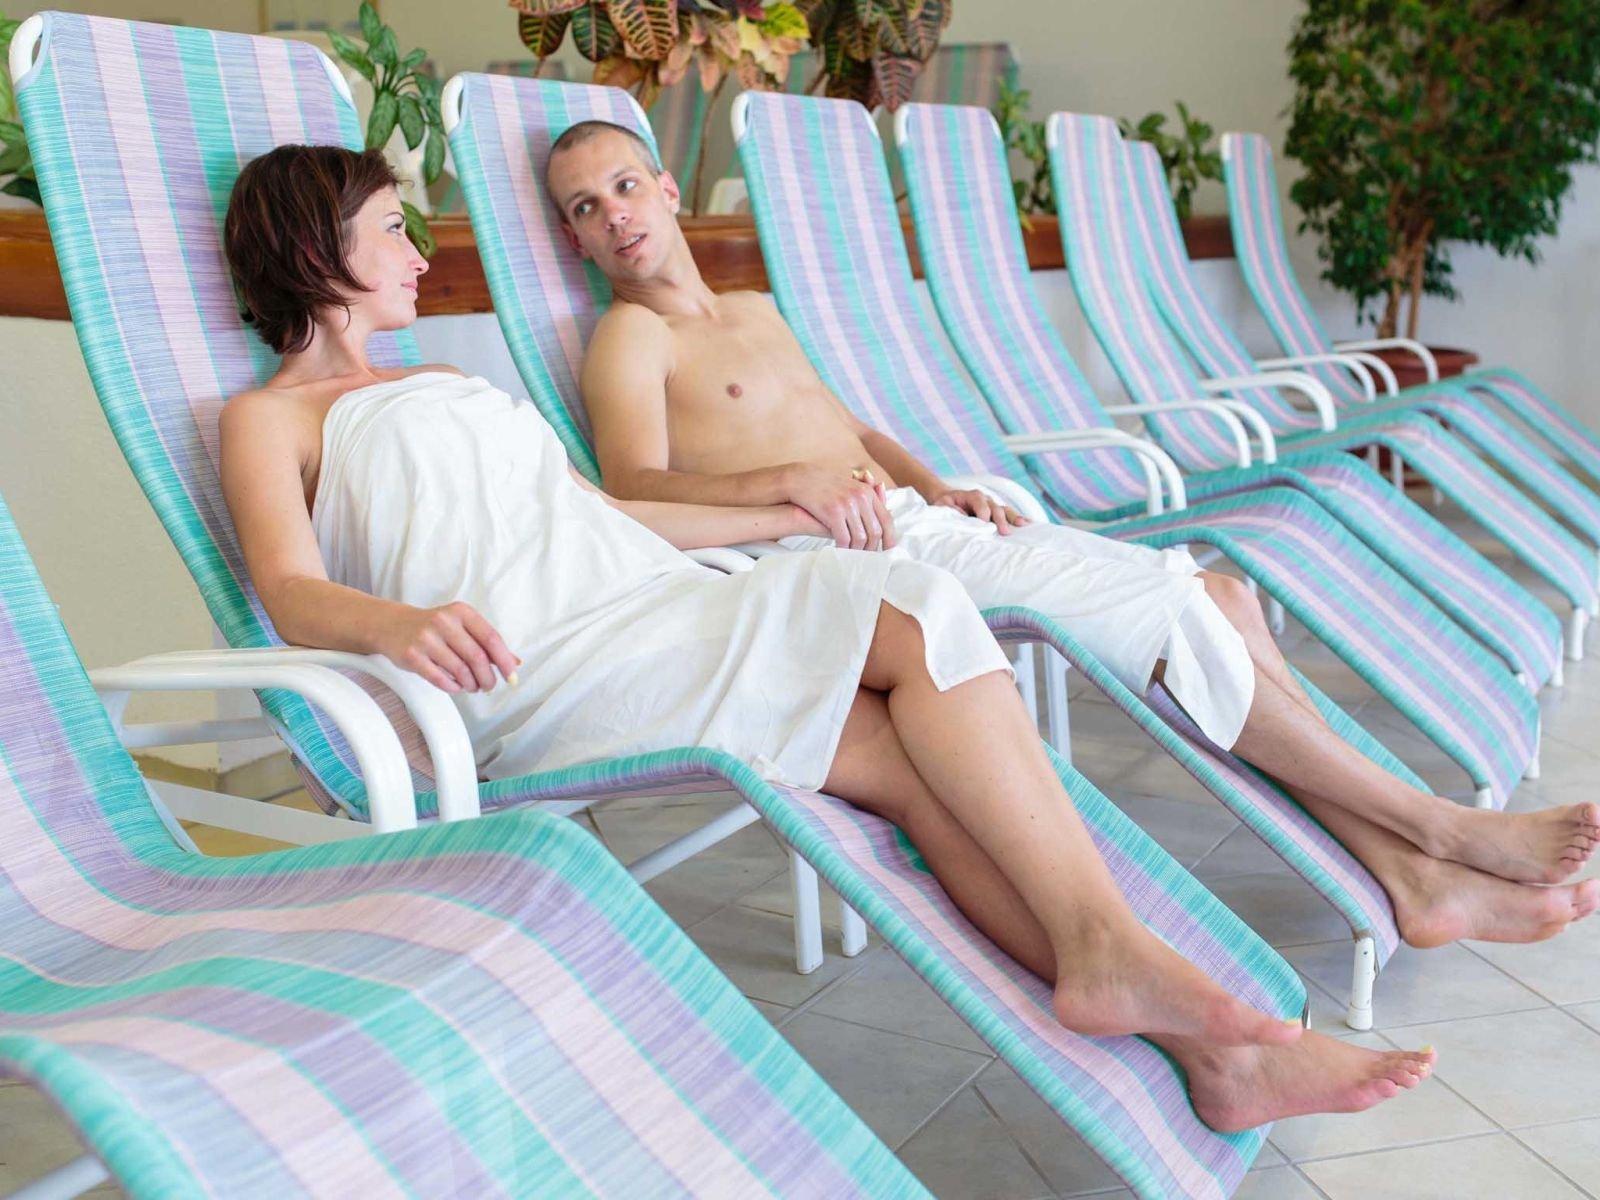 hidrogén-szulfidos fürdők a lábak visszérgyulladásához)